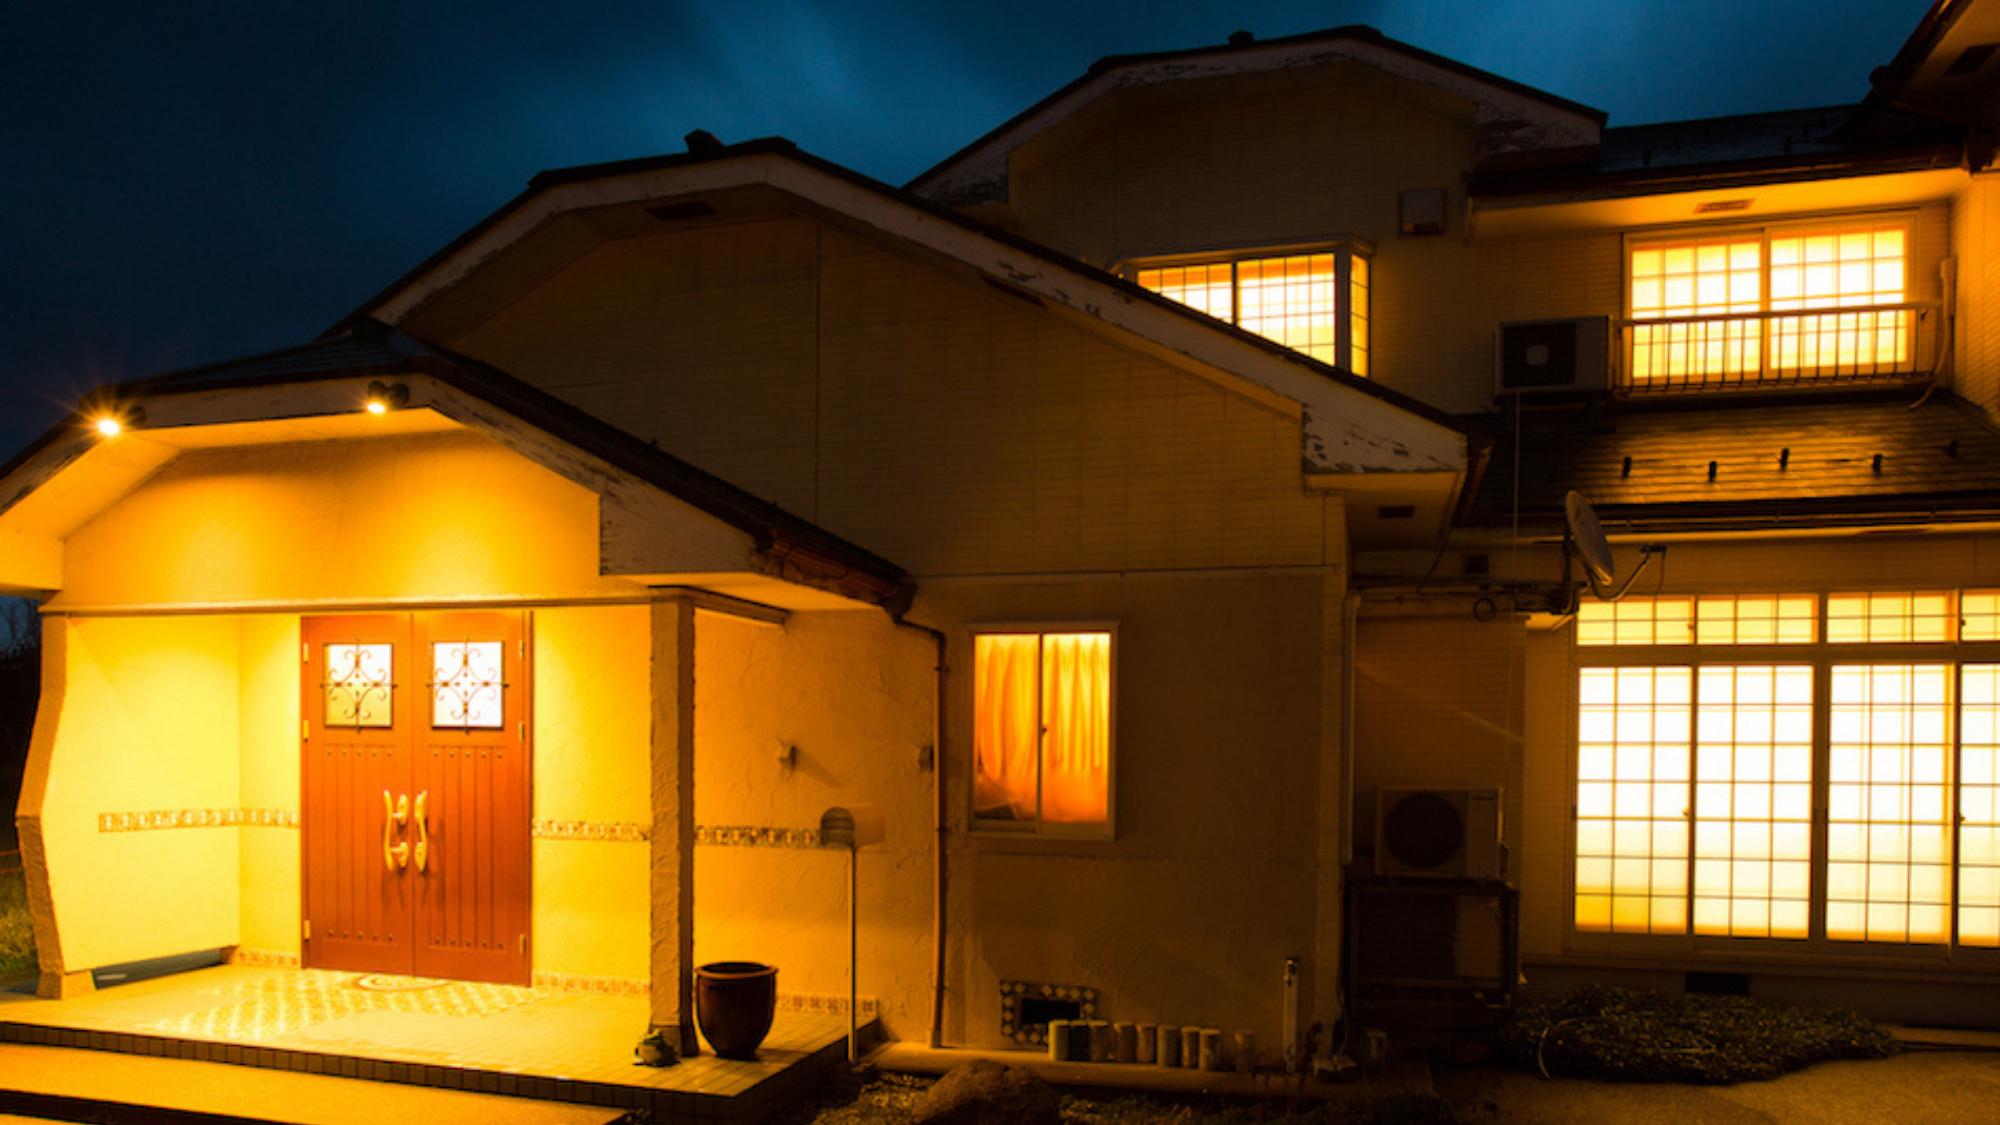 鳴き砂温泉 ニュー丸田荘